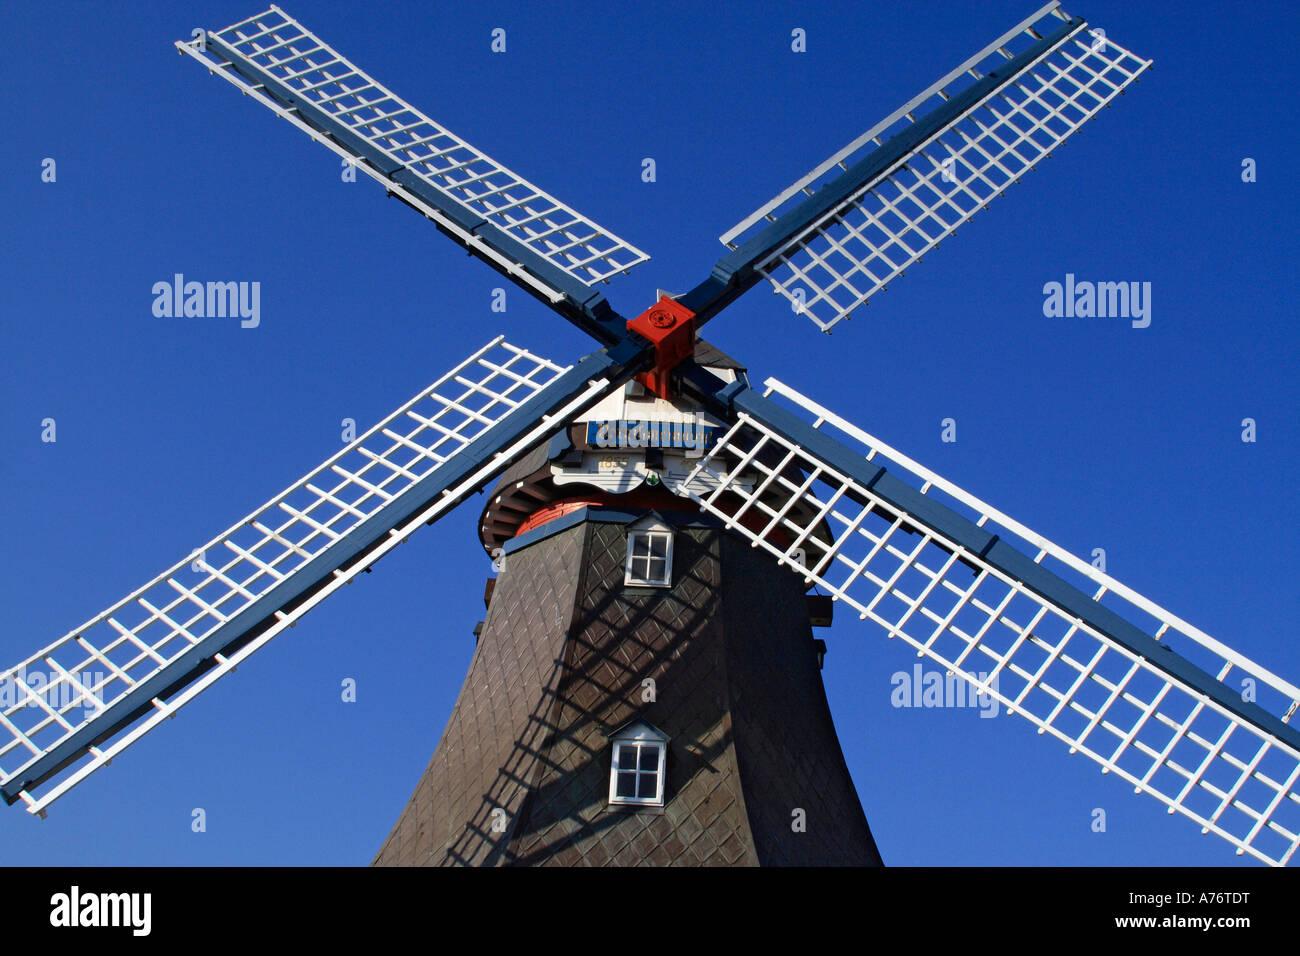 Old windmill build in dutch style - Friedrichskoog, Dithmarschen, Schleswig-Holstein, Germany, Europe - Stock Image